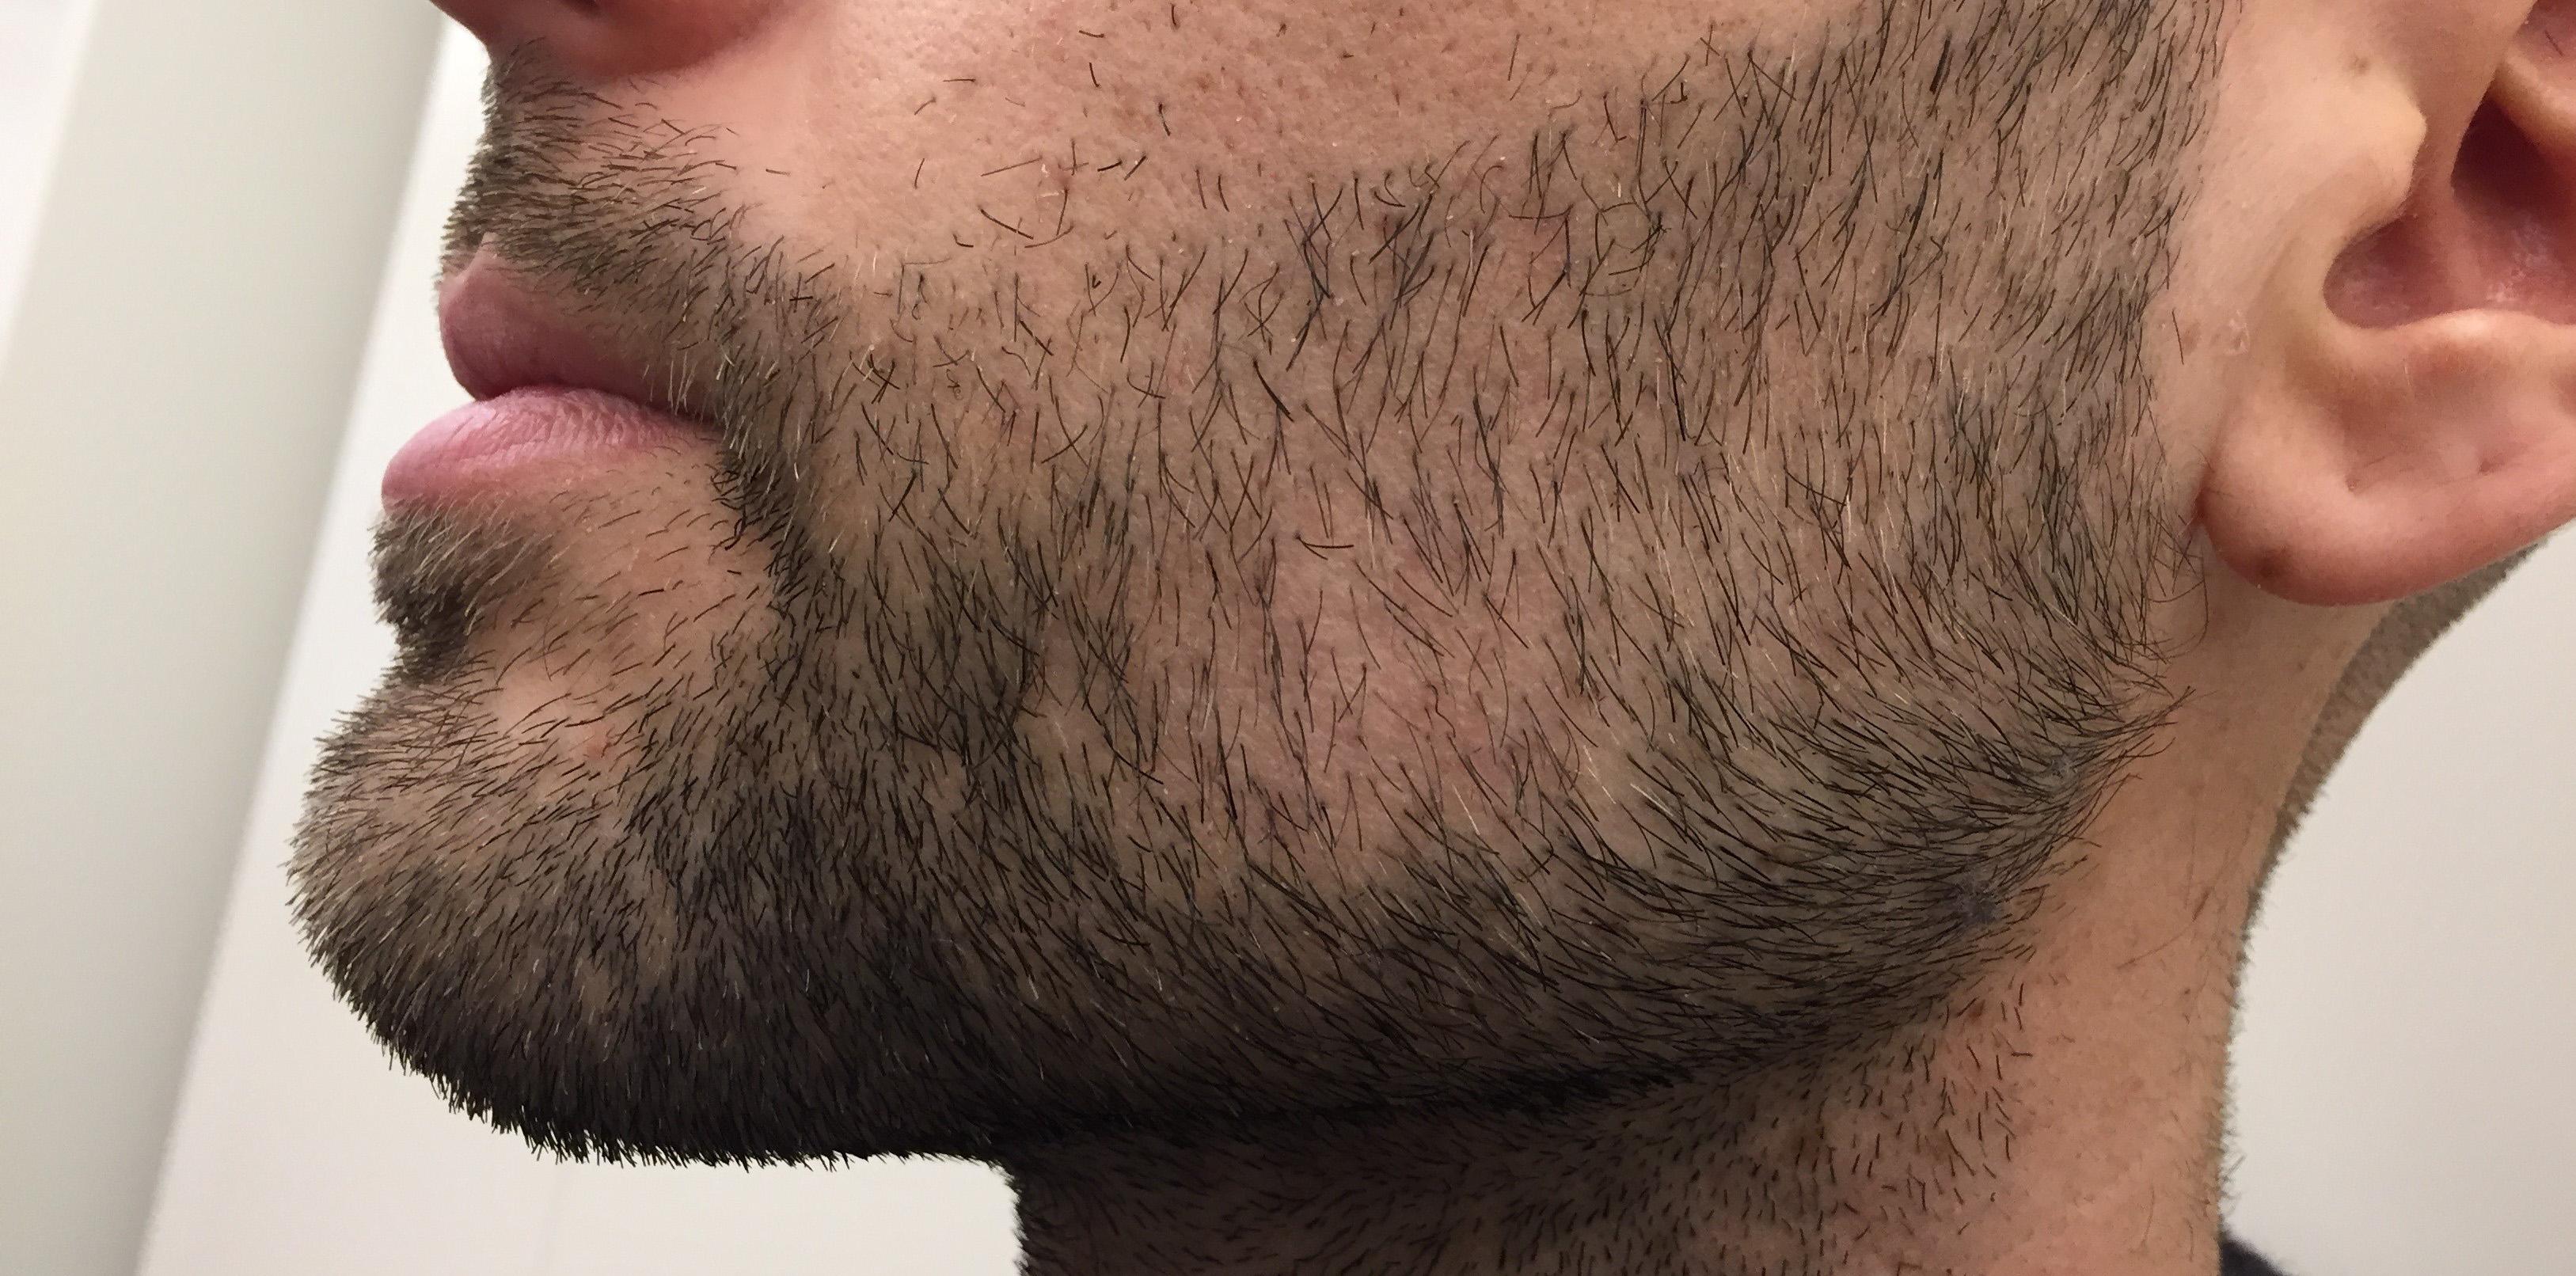 greffe barbe 5_edited